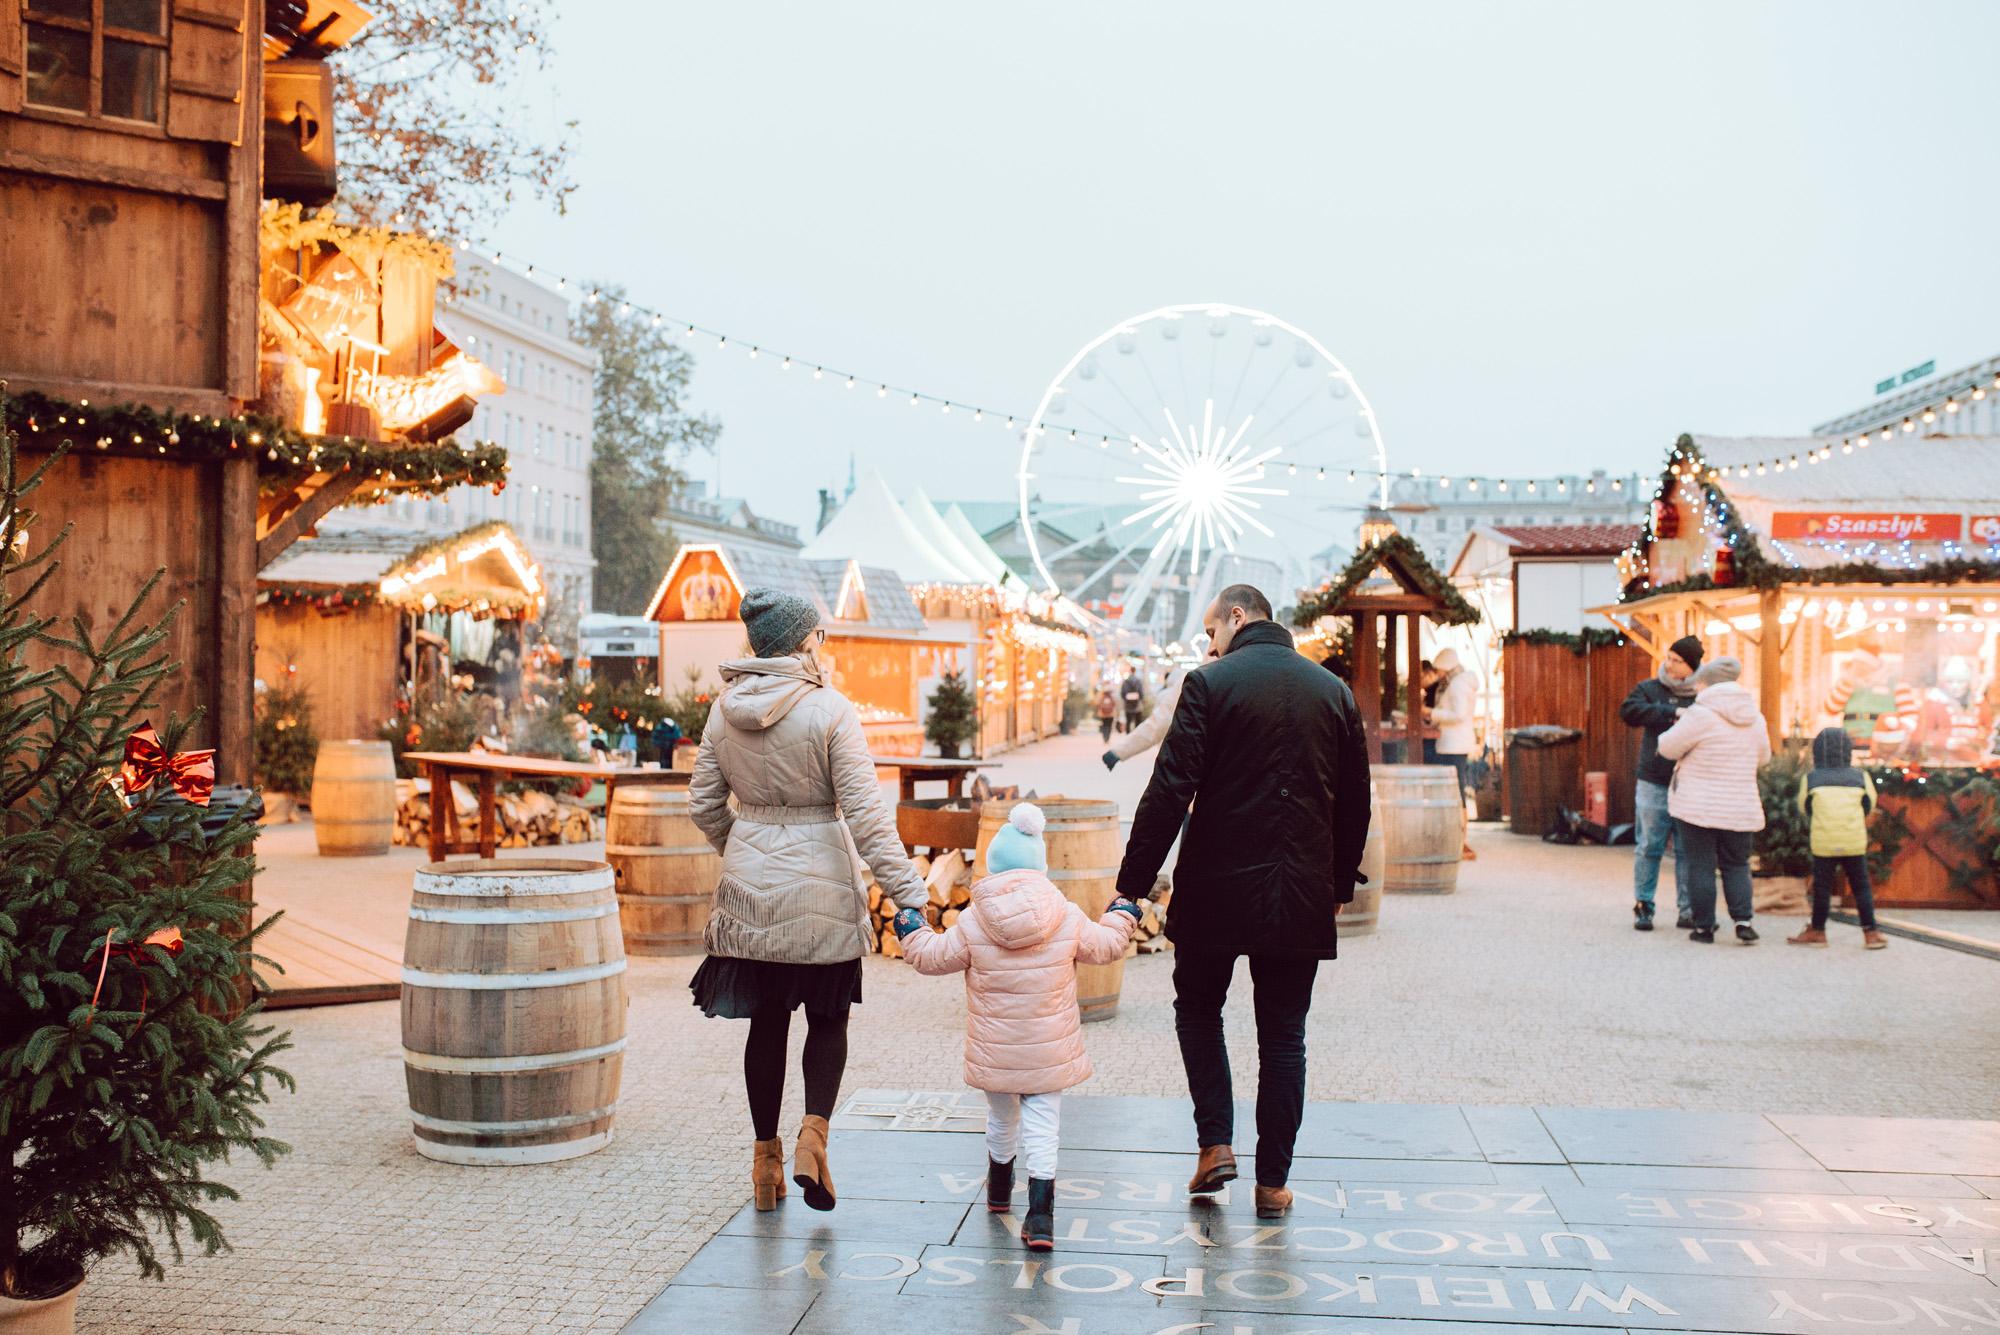 sesja jarmark TiAmoFoto 1 - Sesje świąteczne Poznań 2018